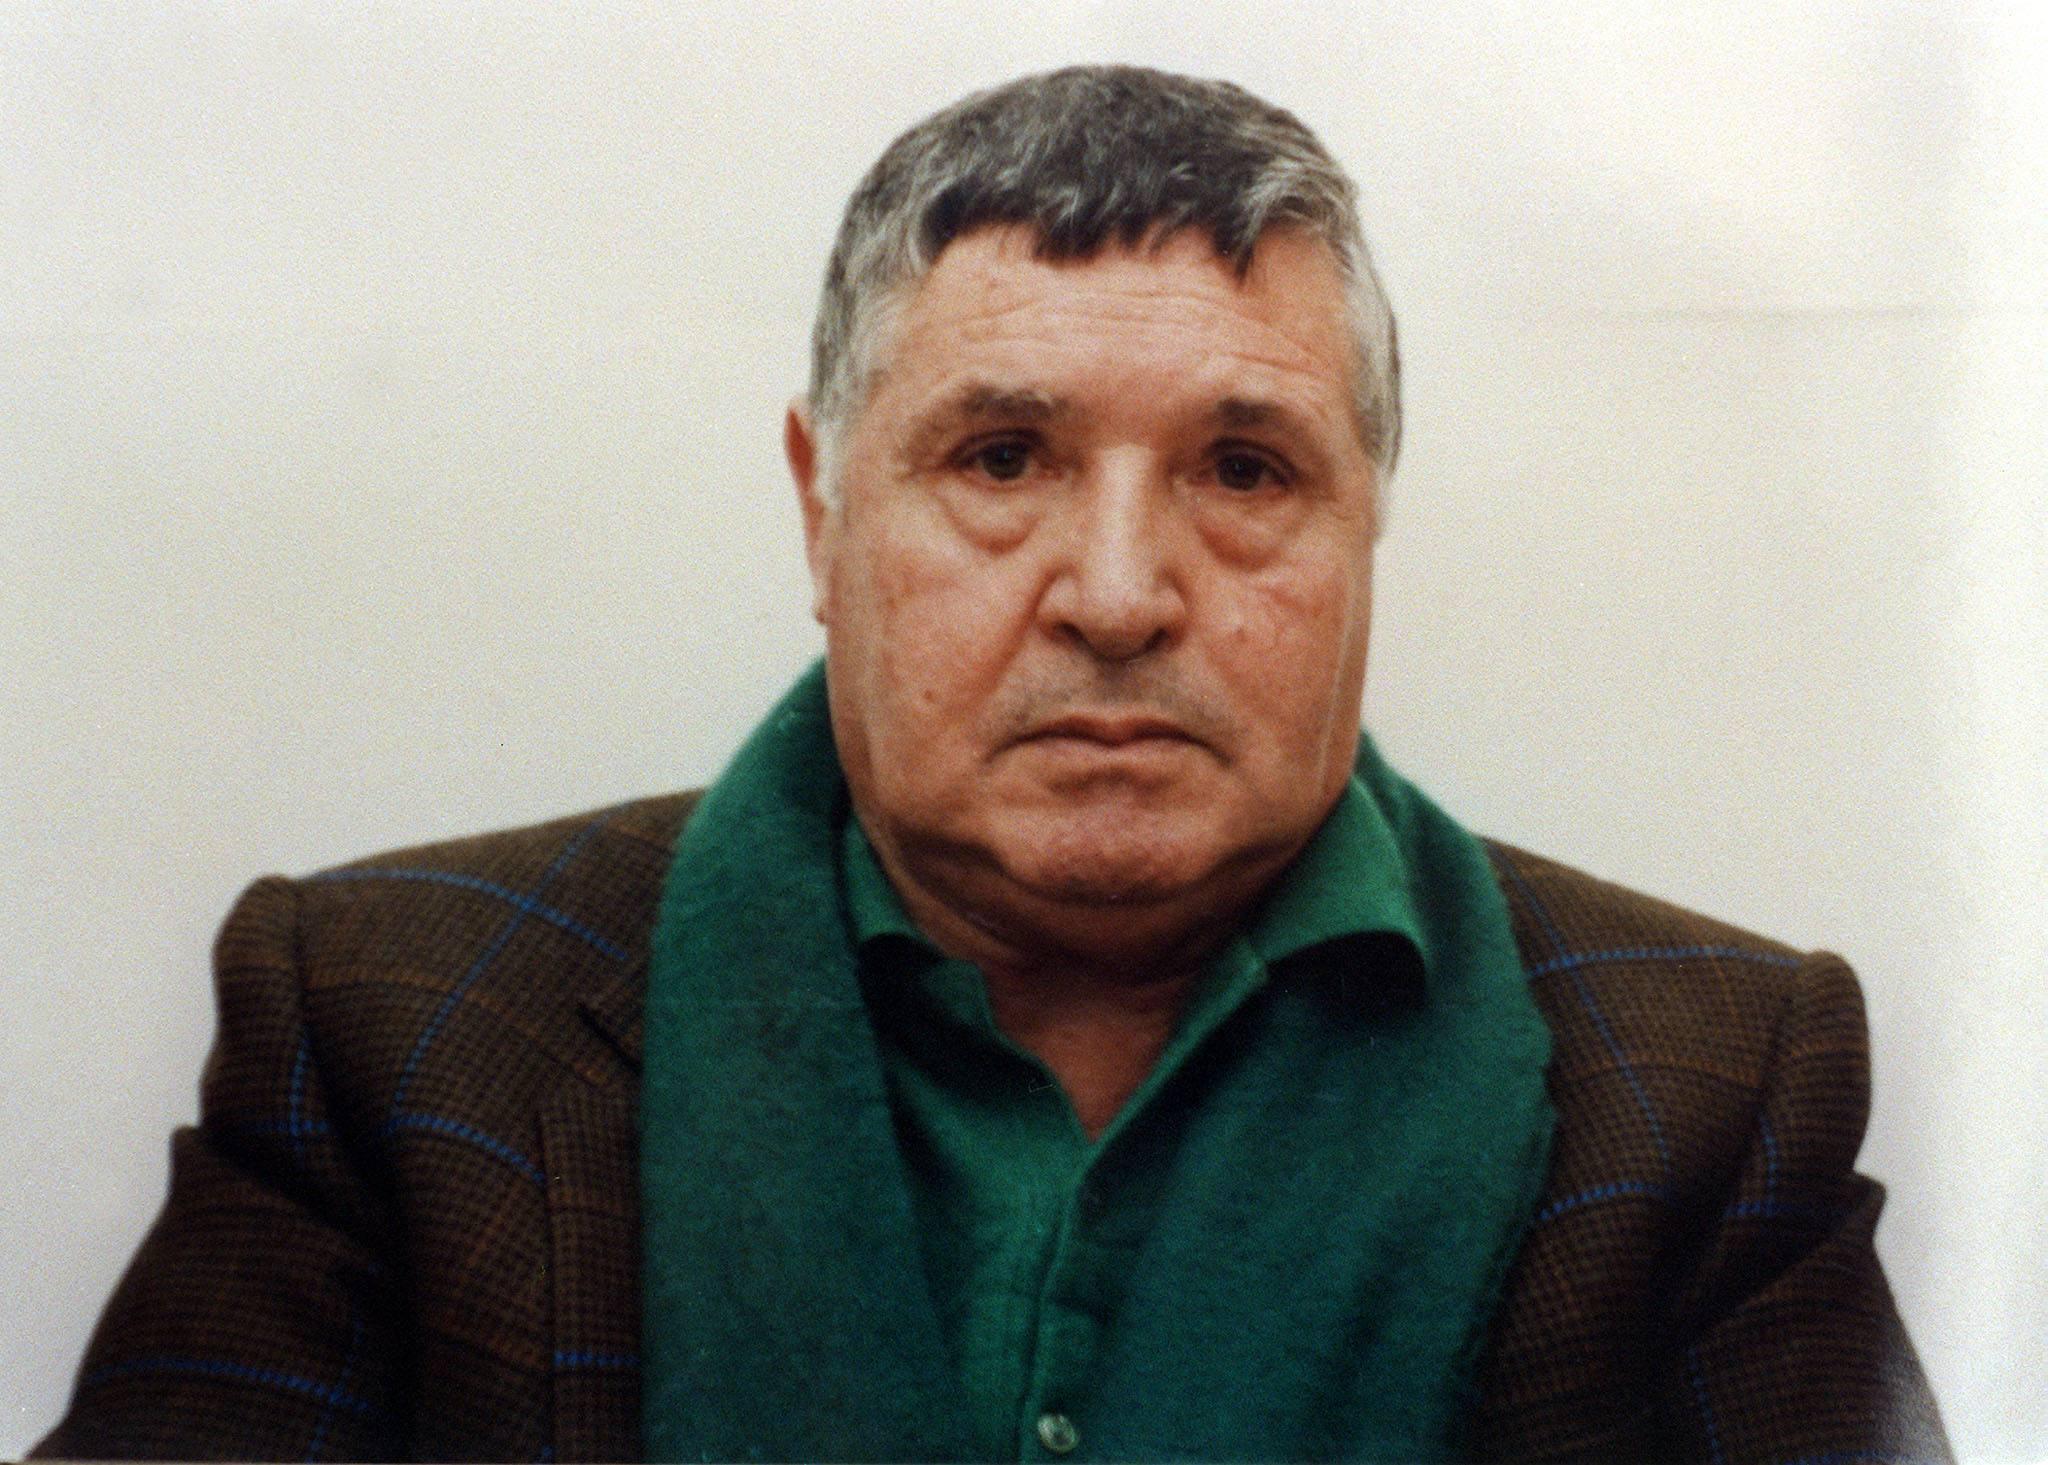 Mafia: morto Riina, boss che fece guerra a Stato / Speciale